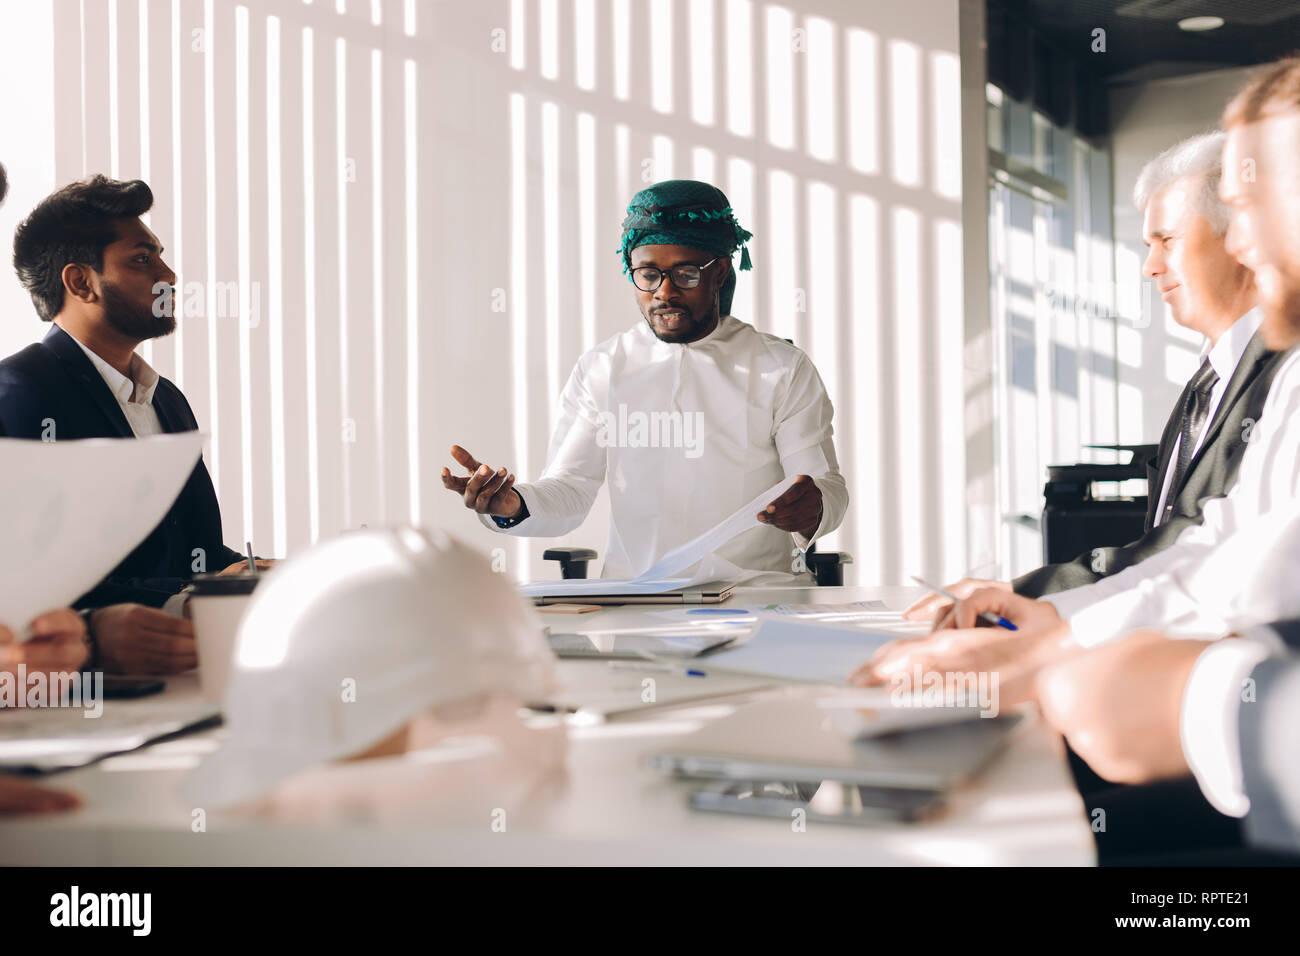 Arabian investitore in bianco candura nazionale e gutra sulla testa a discutere di società strategia finanziaria con il suo maschio multirucial manager durante una riunione Foto Stock